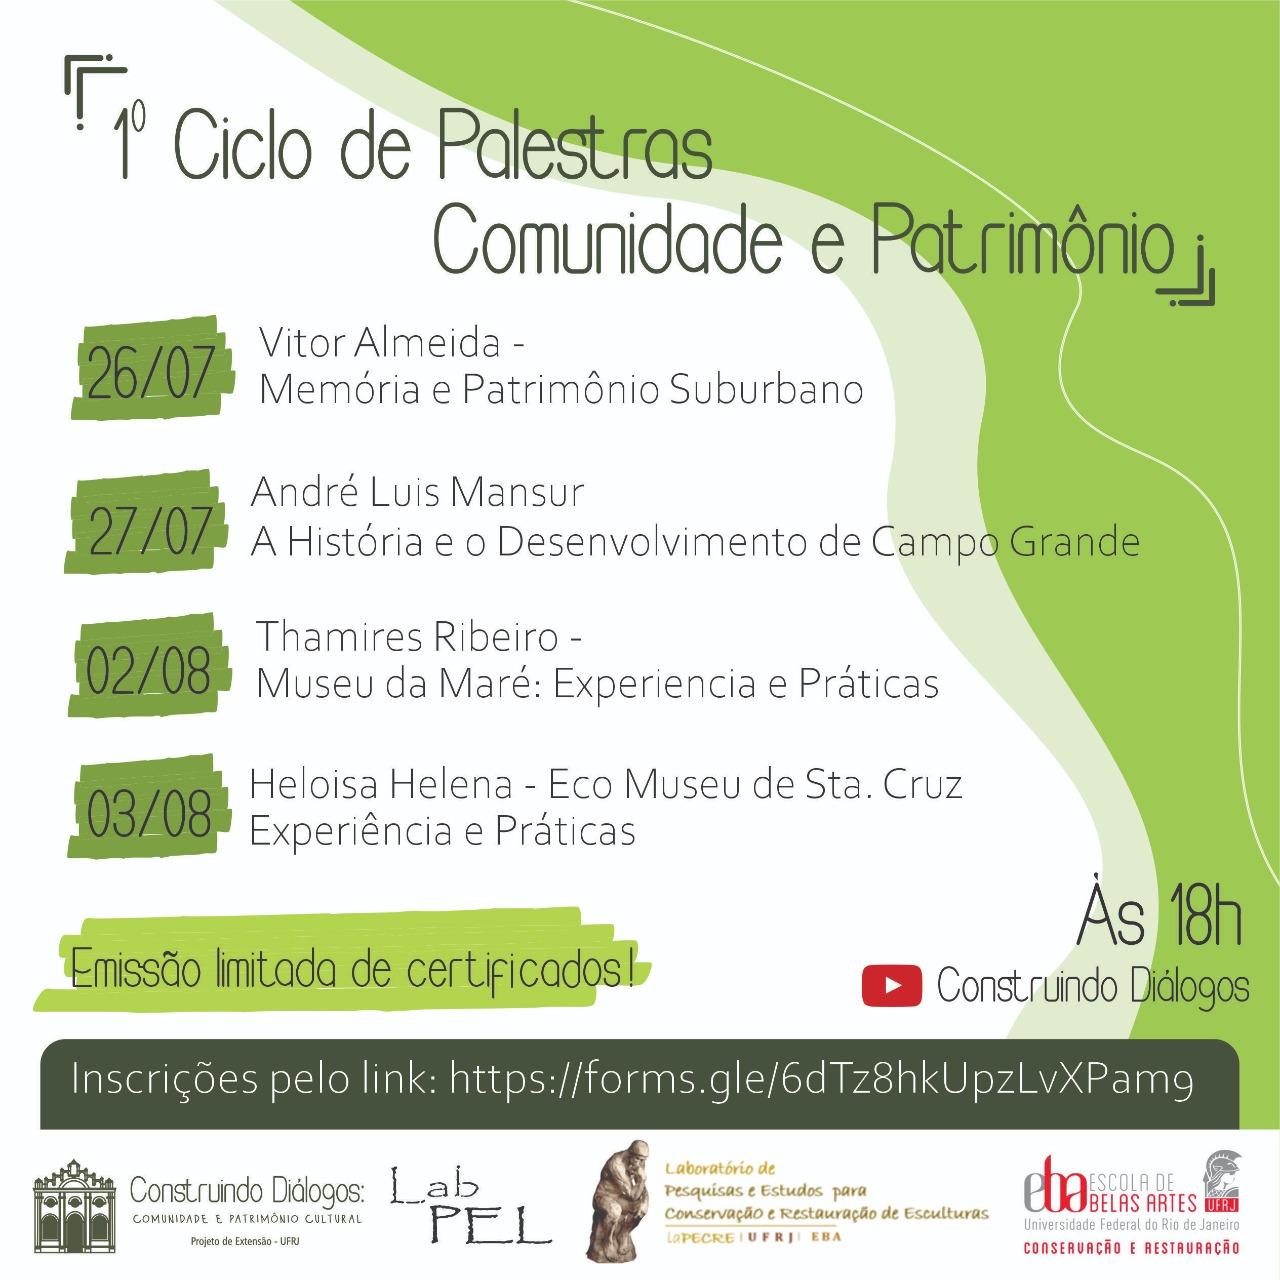 Ciclo de Palestras: Comunidade e Patrimônio Cultural